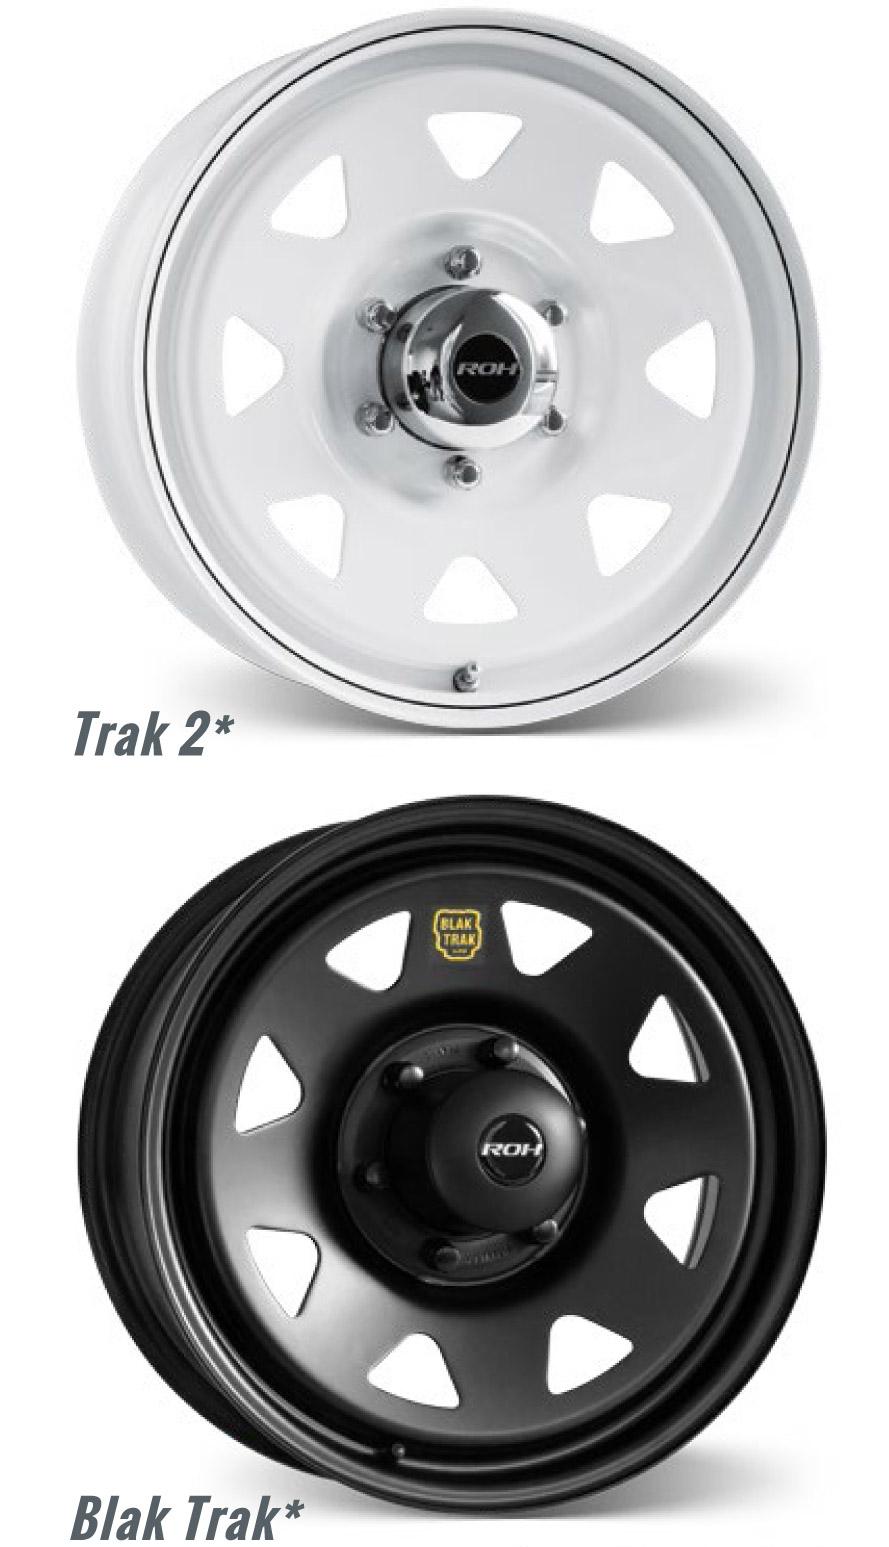 Trak 2 and Blak Trak wheels CBL compatible